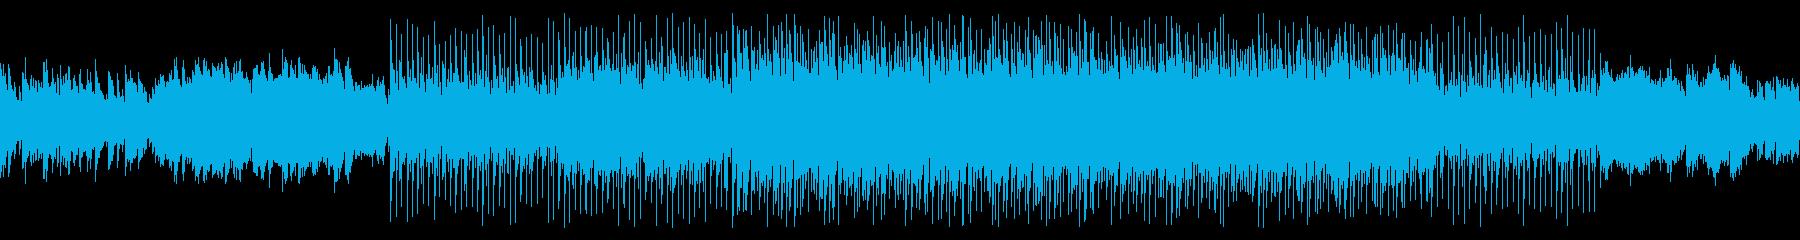 【ループ版】バイオリン 疾走感の再生済みの波形